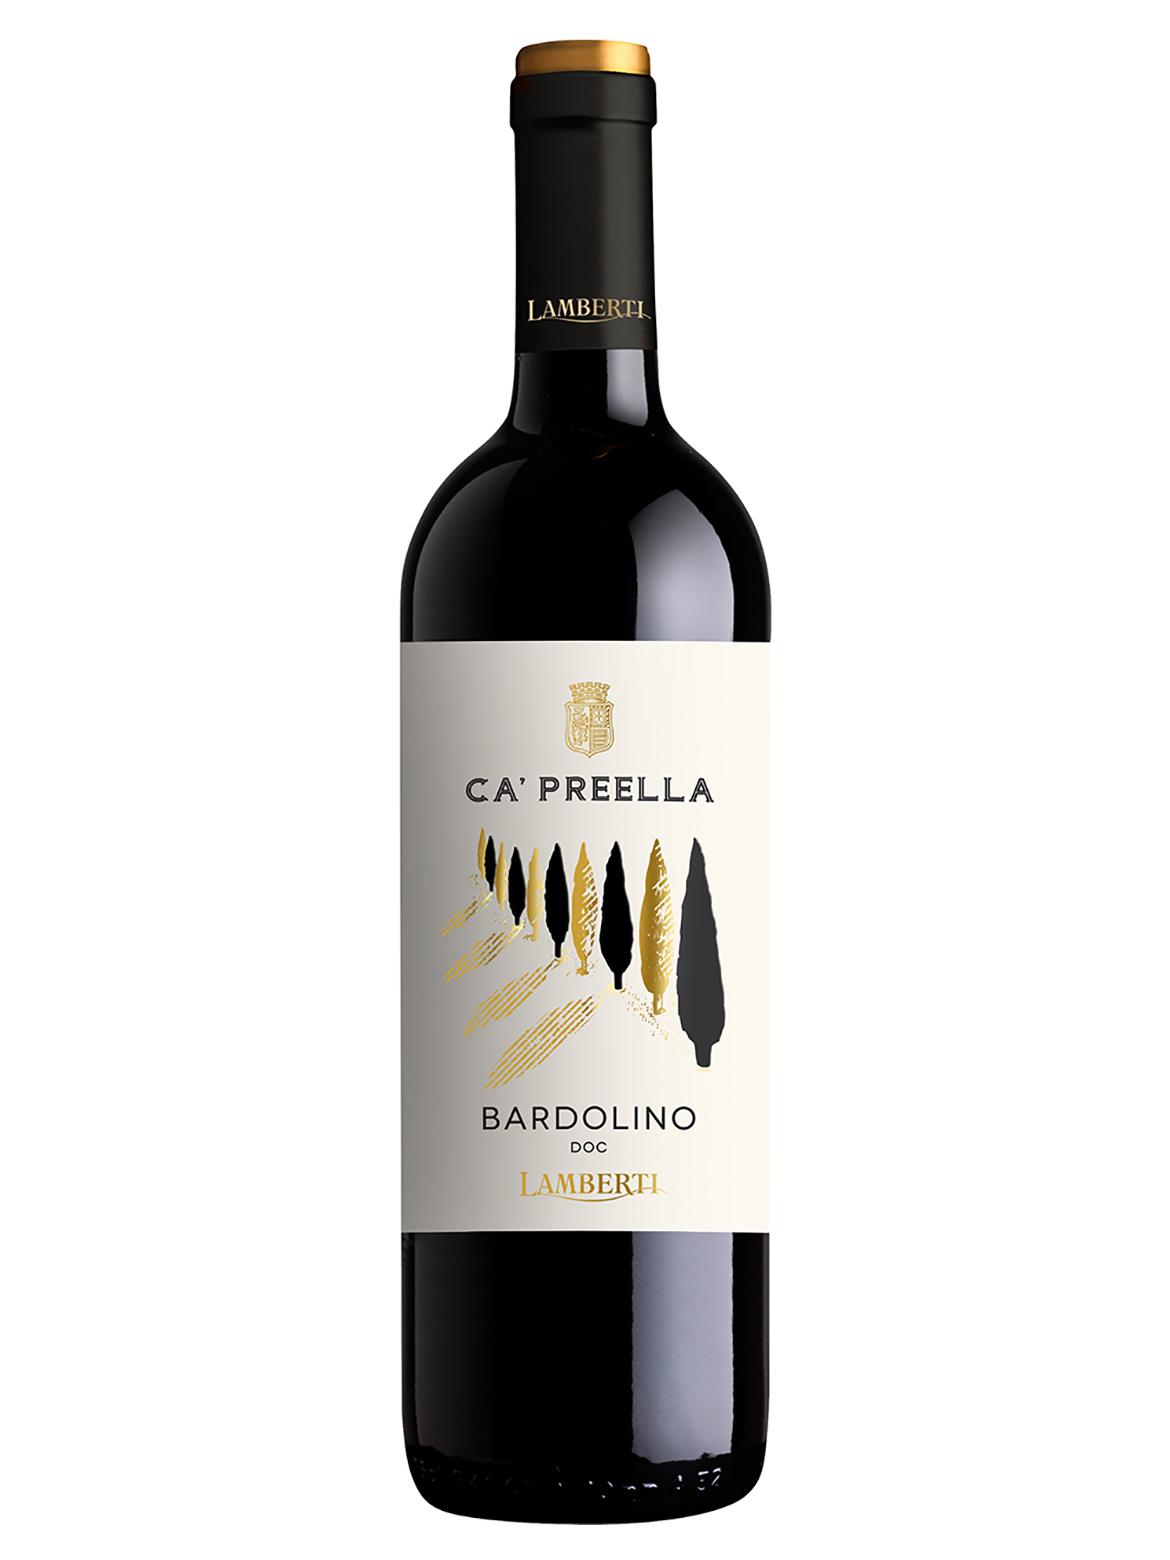 CA' PREELLA - Bardolino DOC